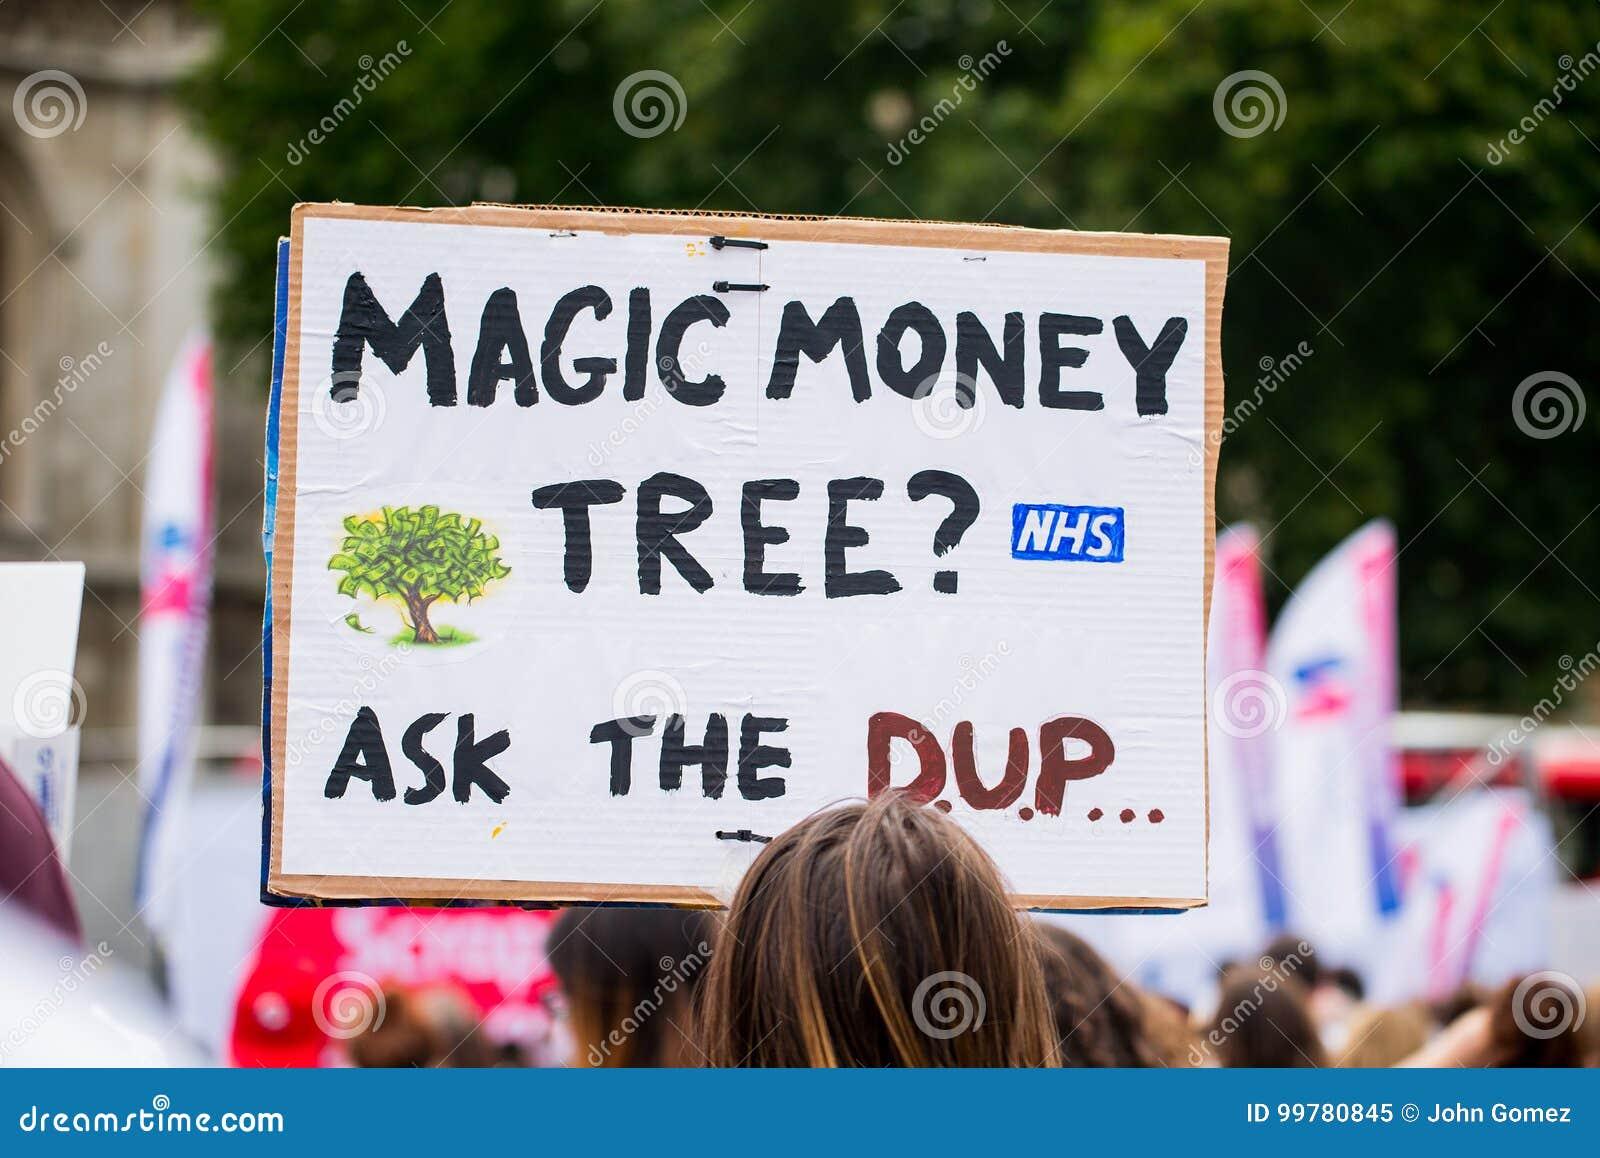 NHS - SCRAP THE CAP PROTEST